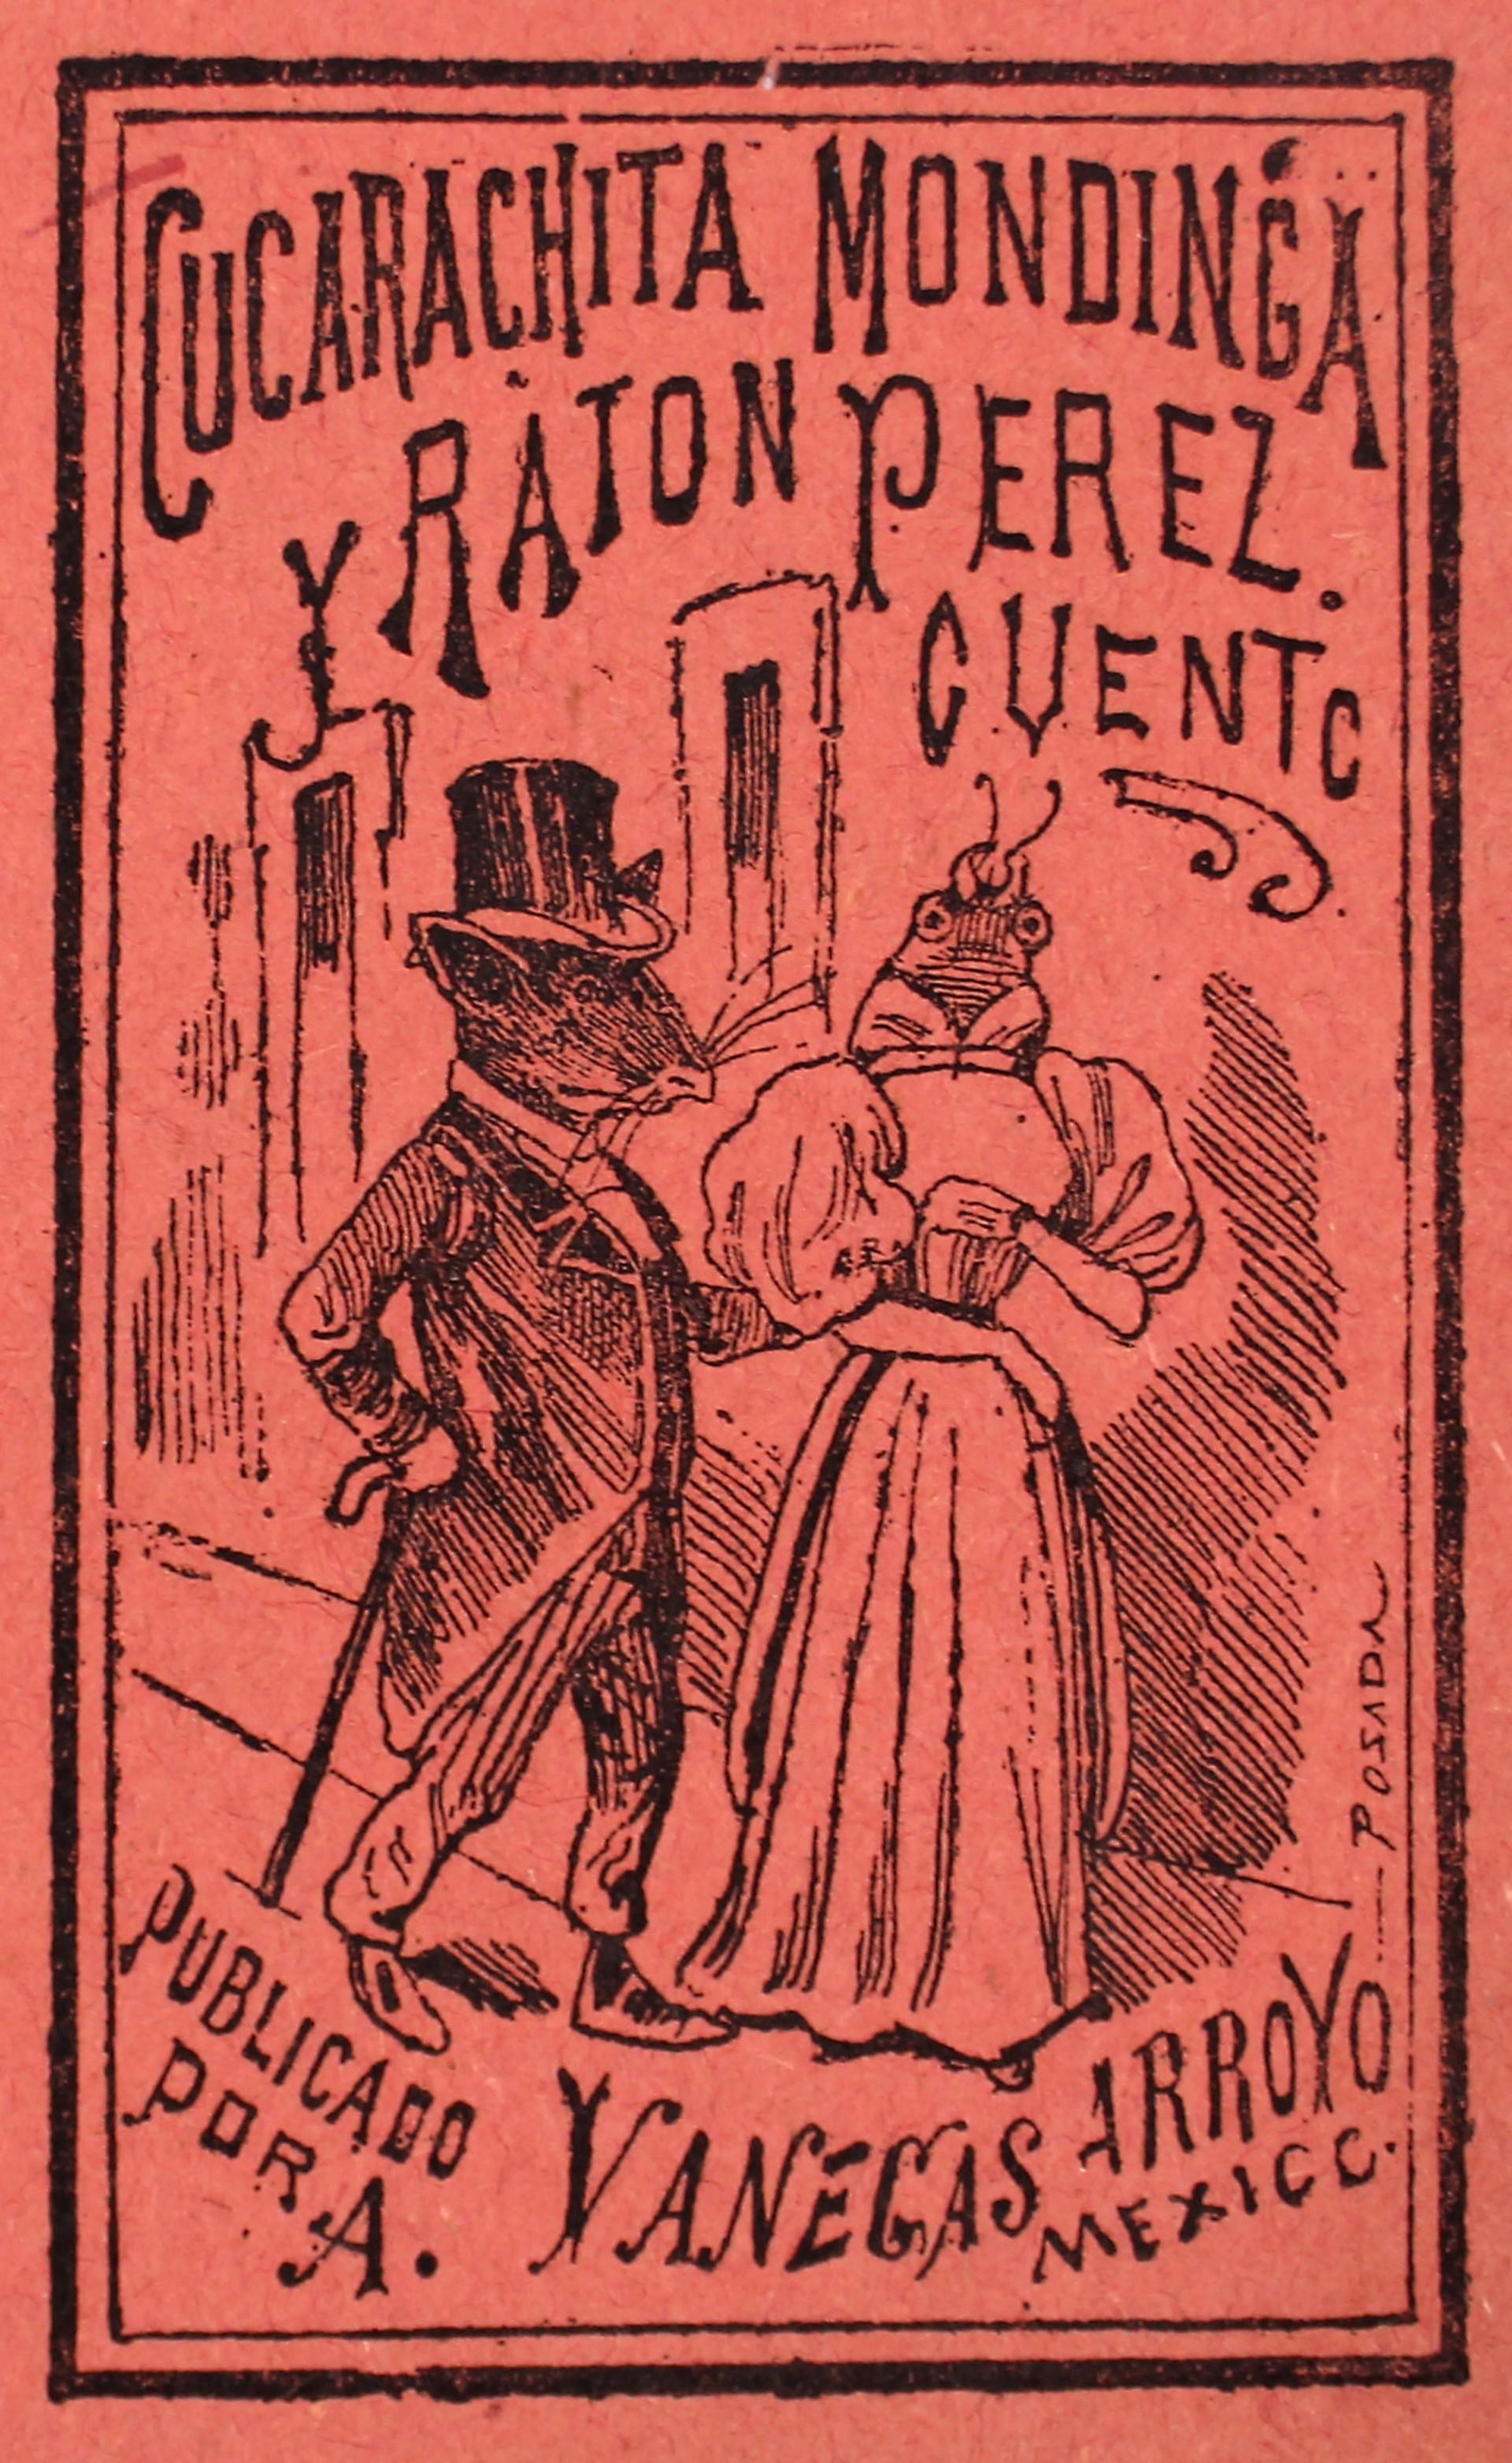 Cucarachita Mondinga y Raton Perez by José Guadalupe Posada (1852 - 1913)